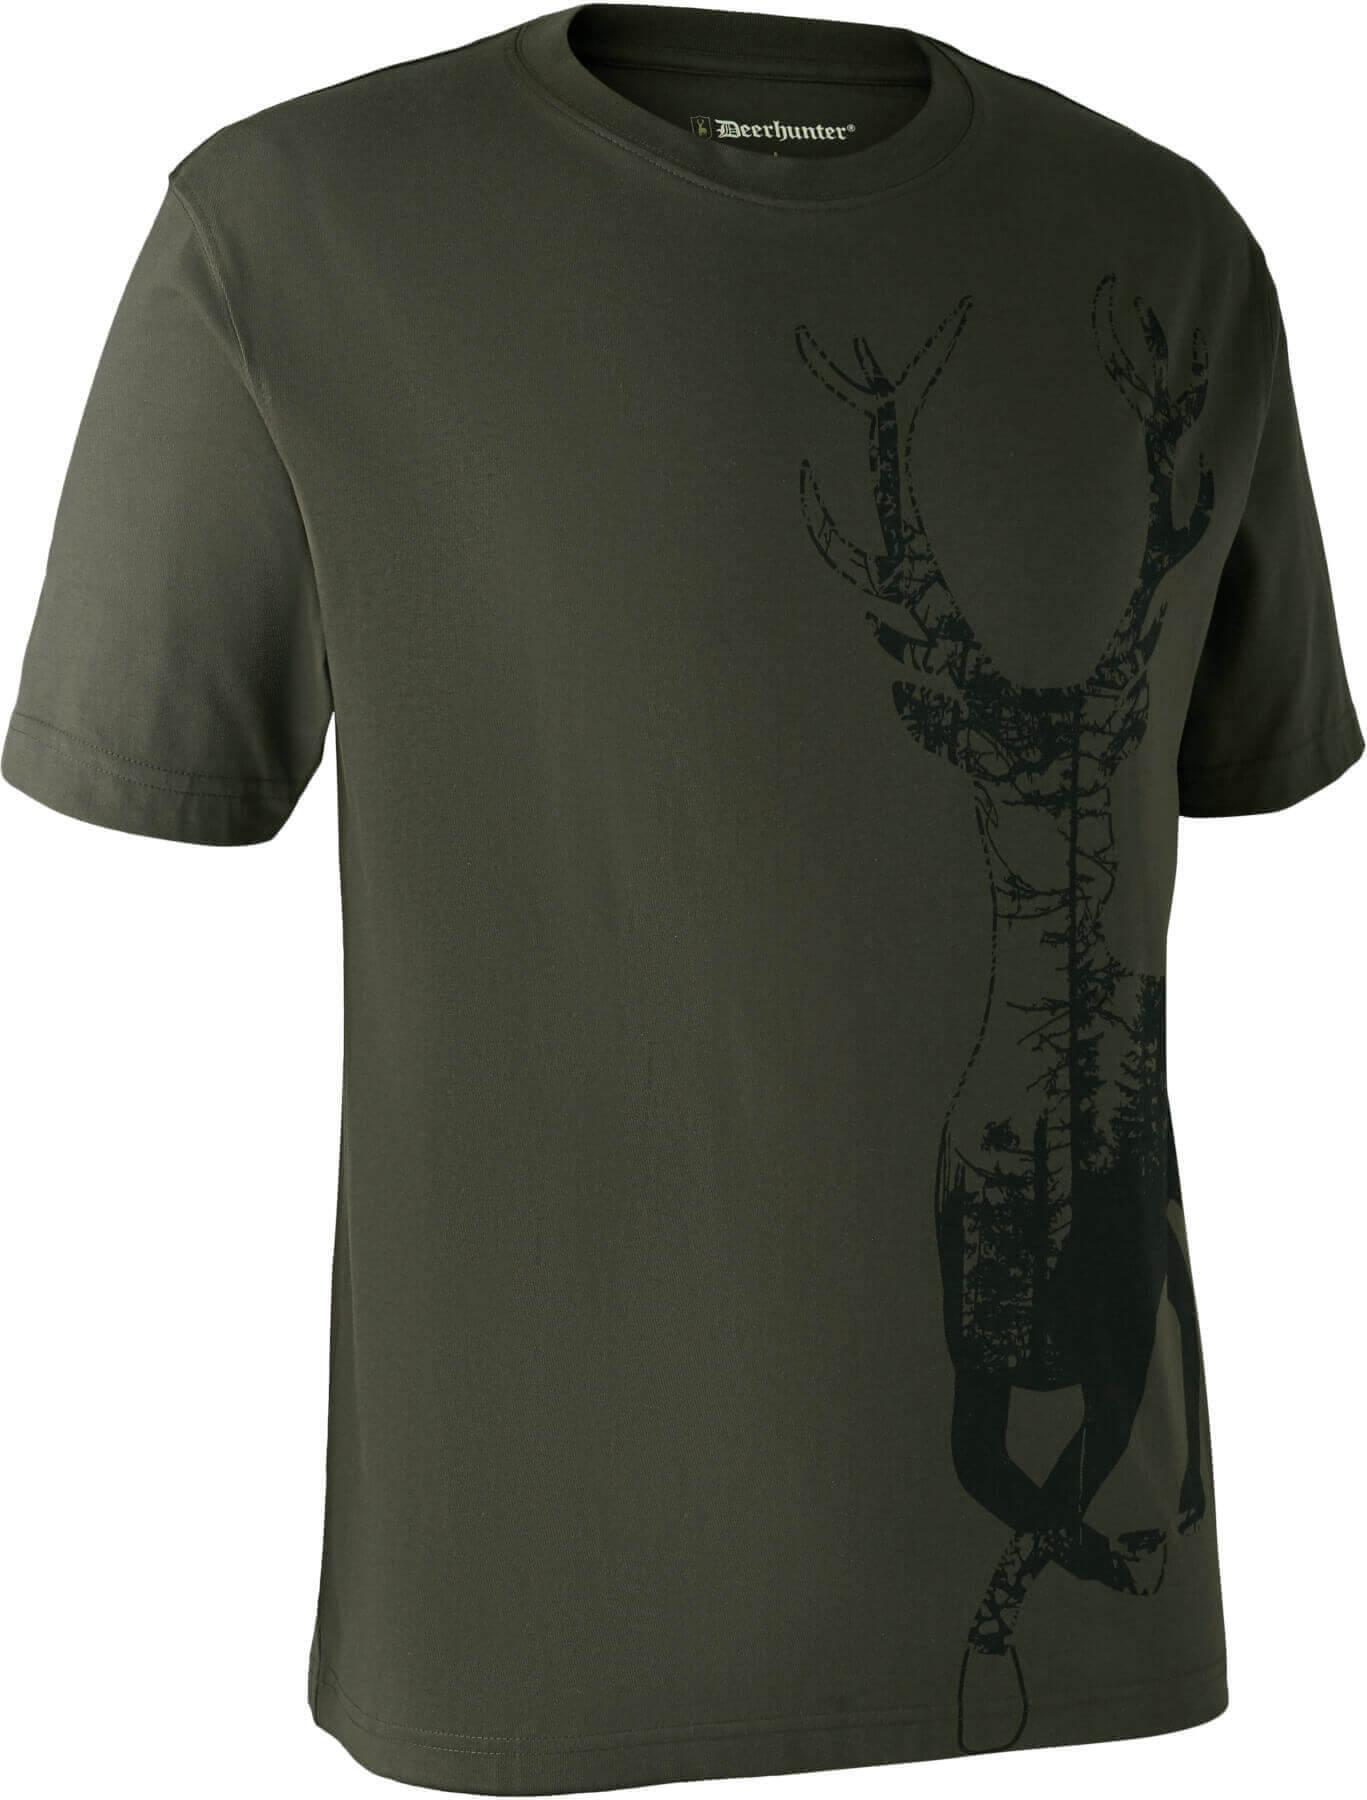 T-Shirt Deer bark green von Deerhunter